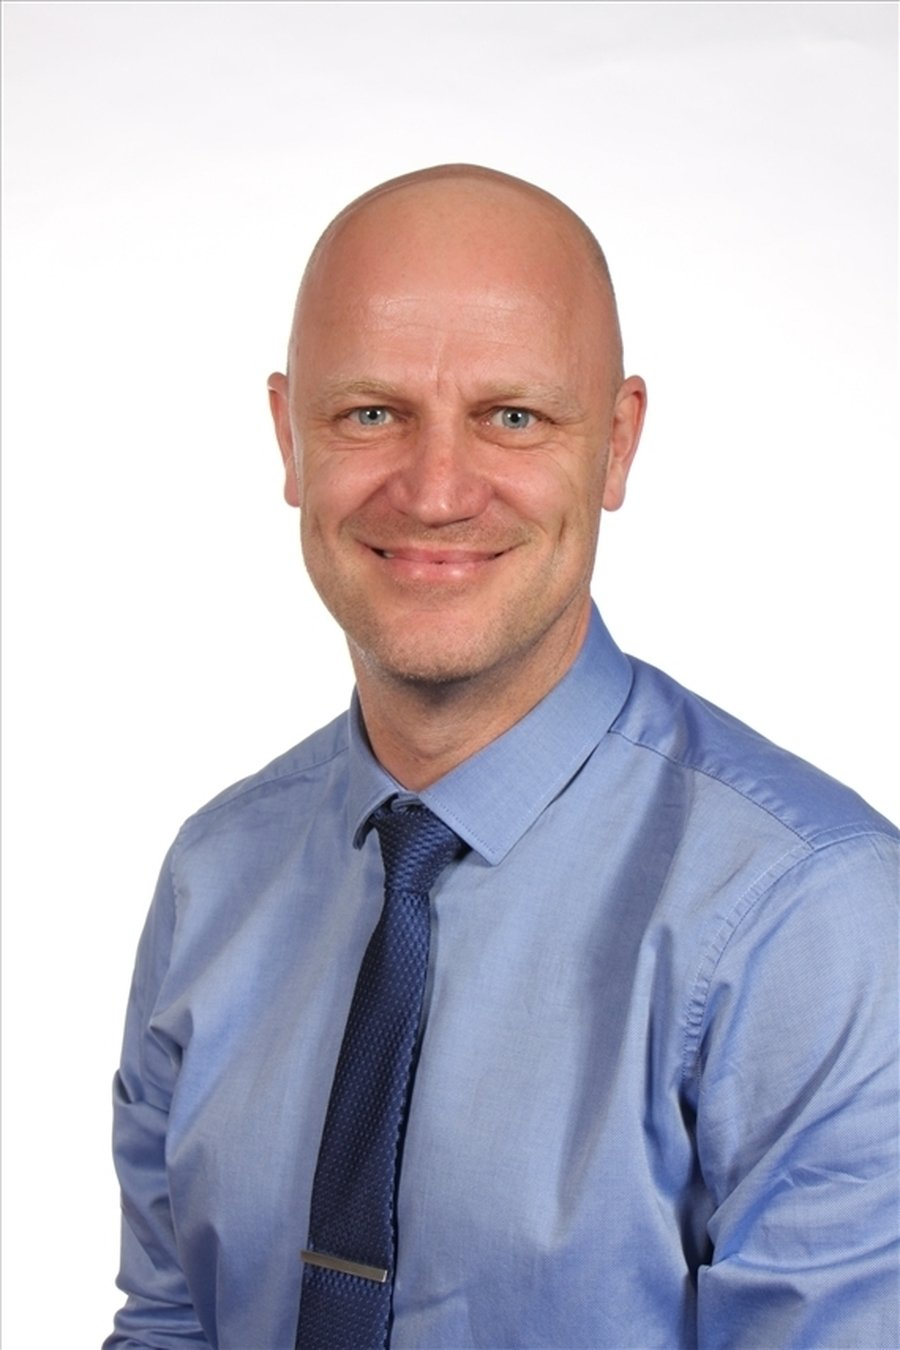 Mr Richardson - Assistant Head Teacher/Y3&4 Phase Lead/Year 4 Teacher